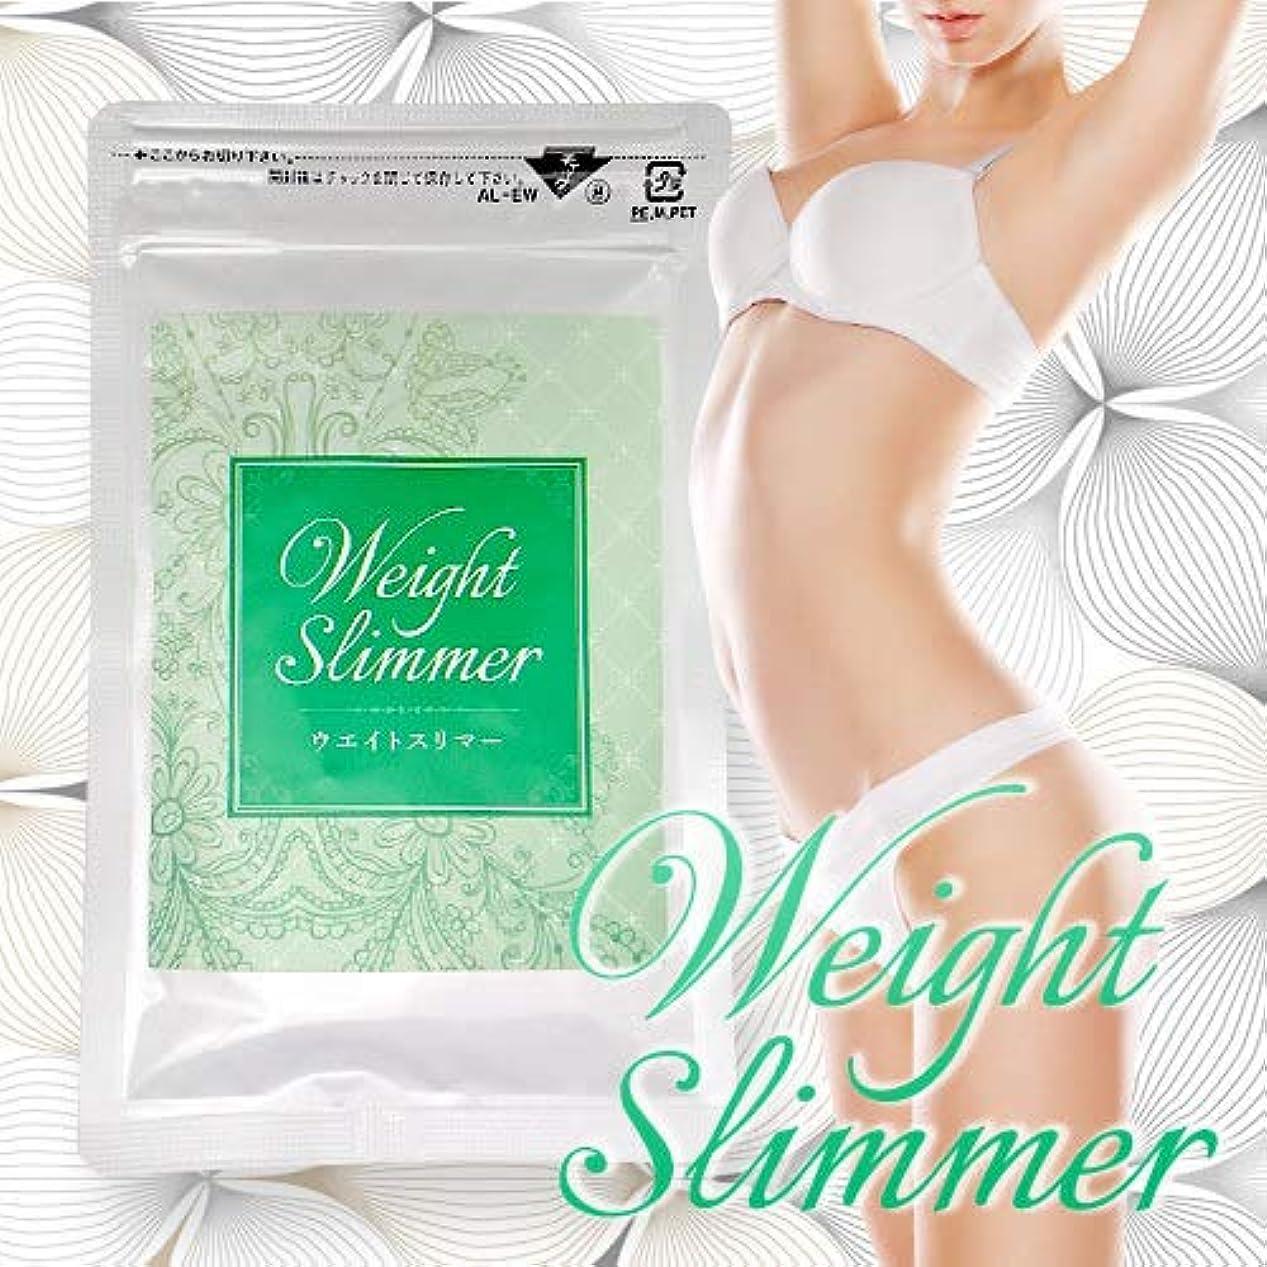 アセドア結婚式ウェイトスリマー Weight Slimmer ダイエット ダイエットサプリメント